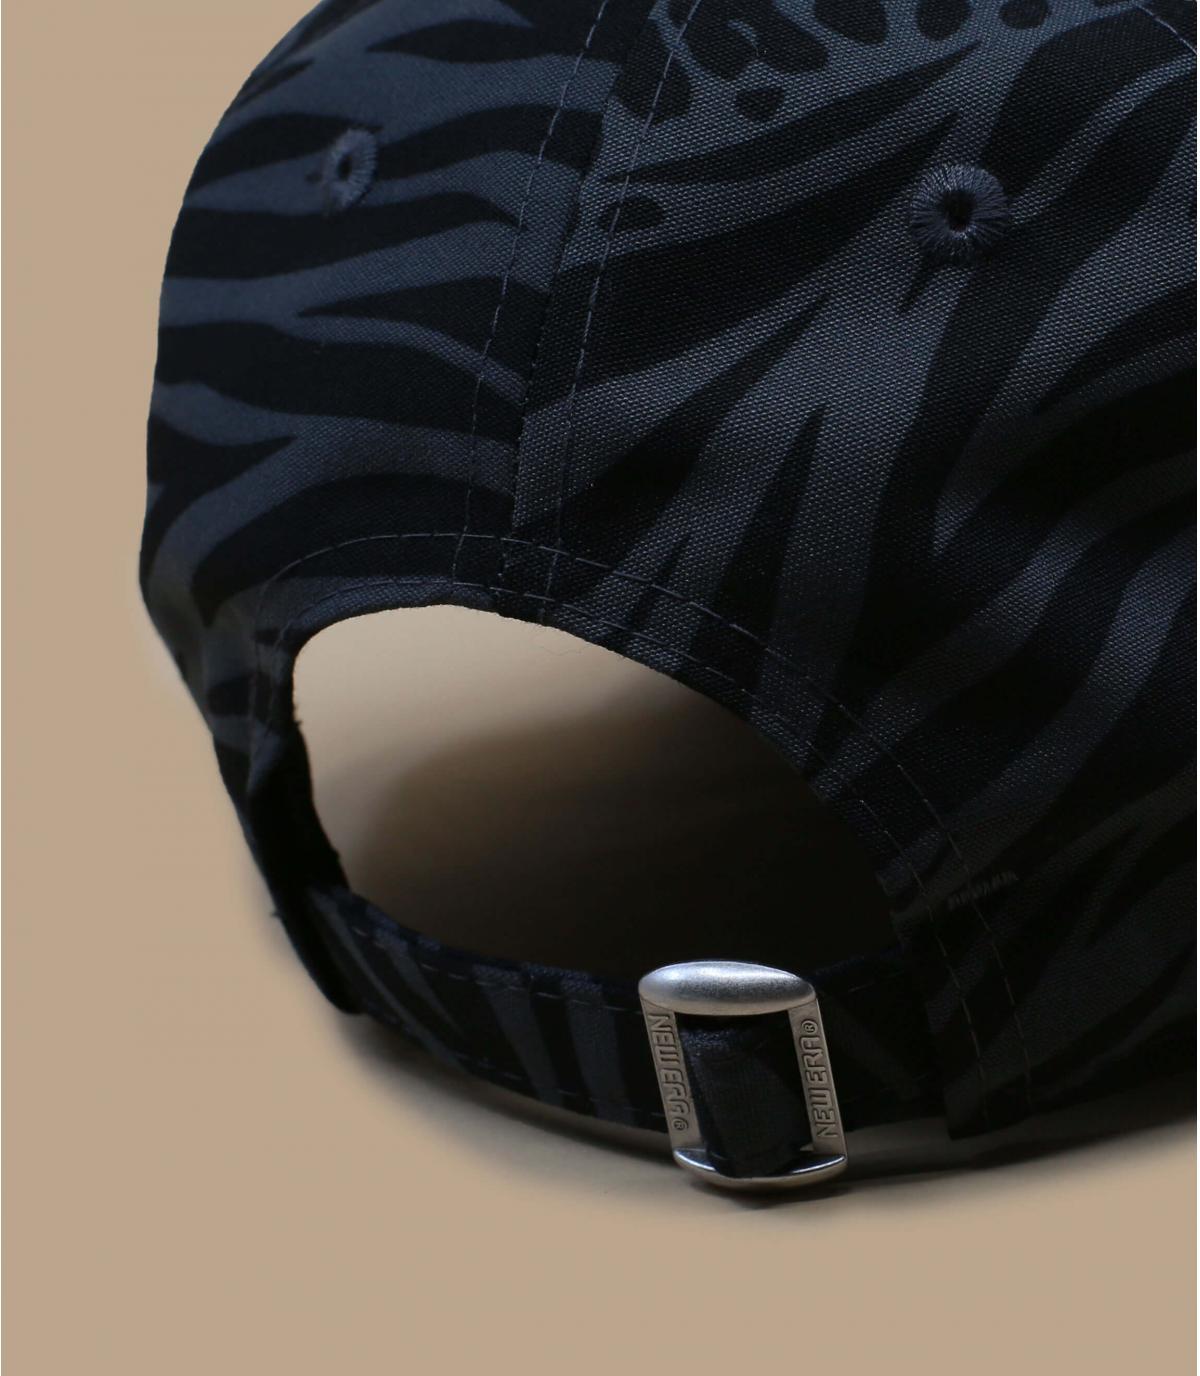 Détails Casquette Wmns Fashion NY black - image 3